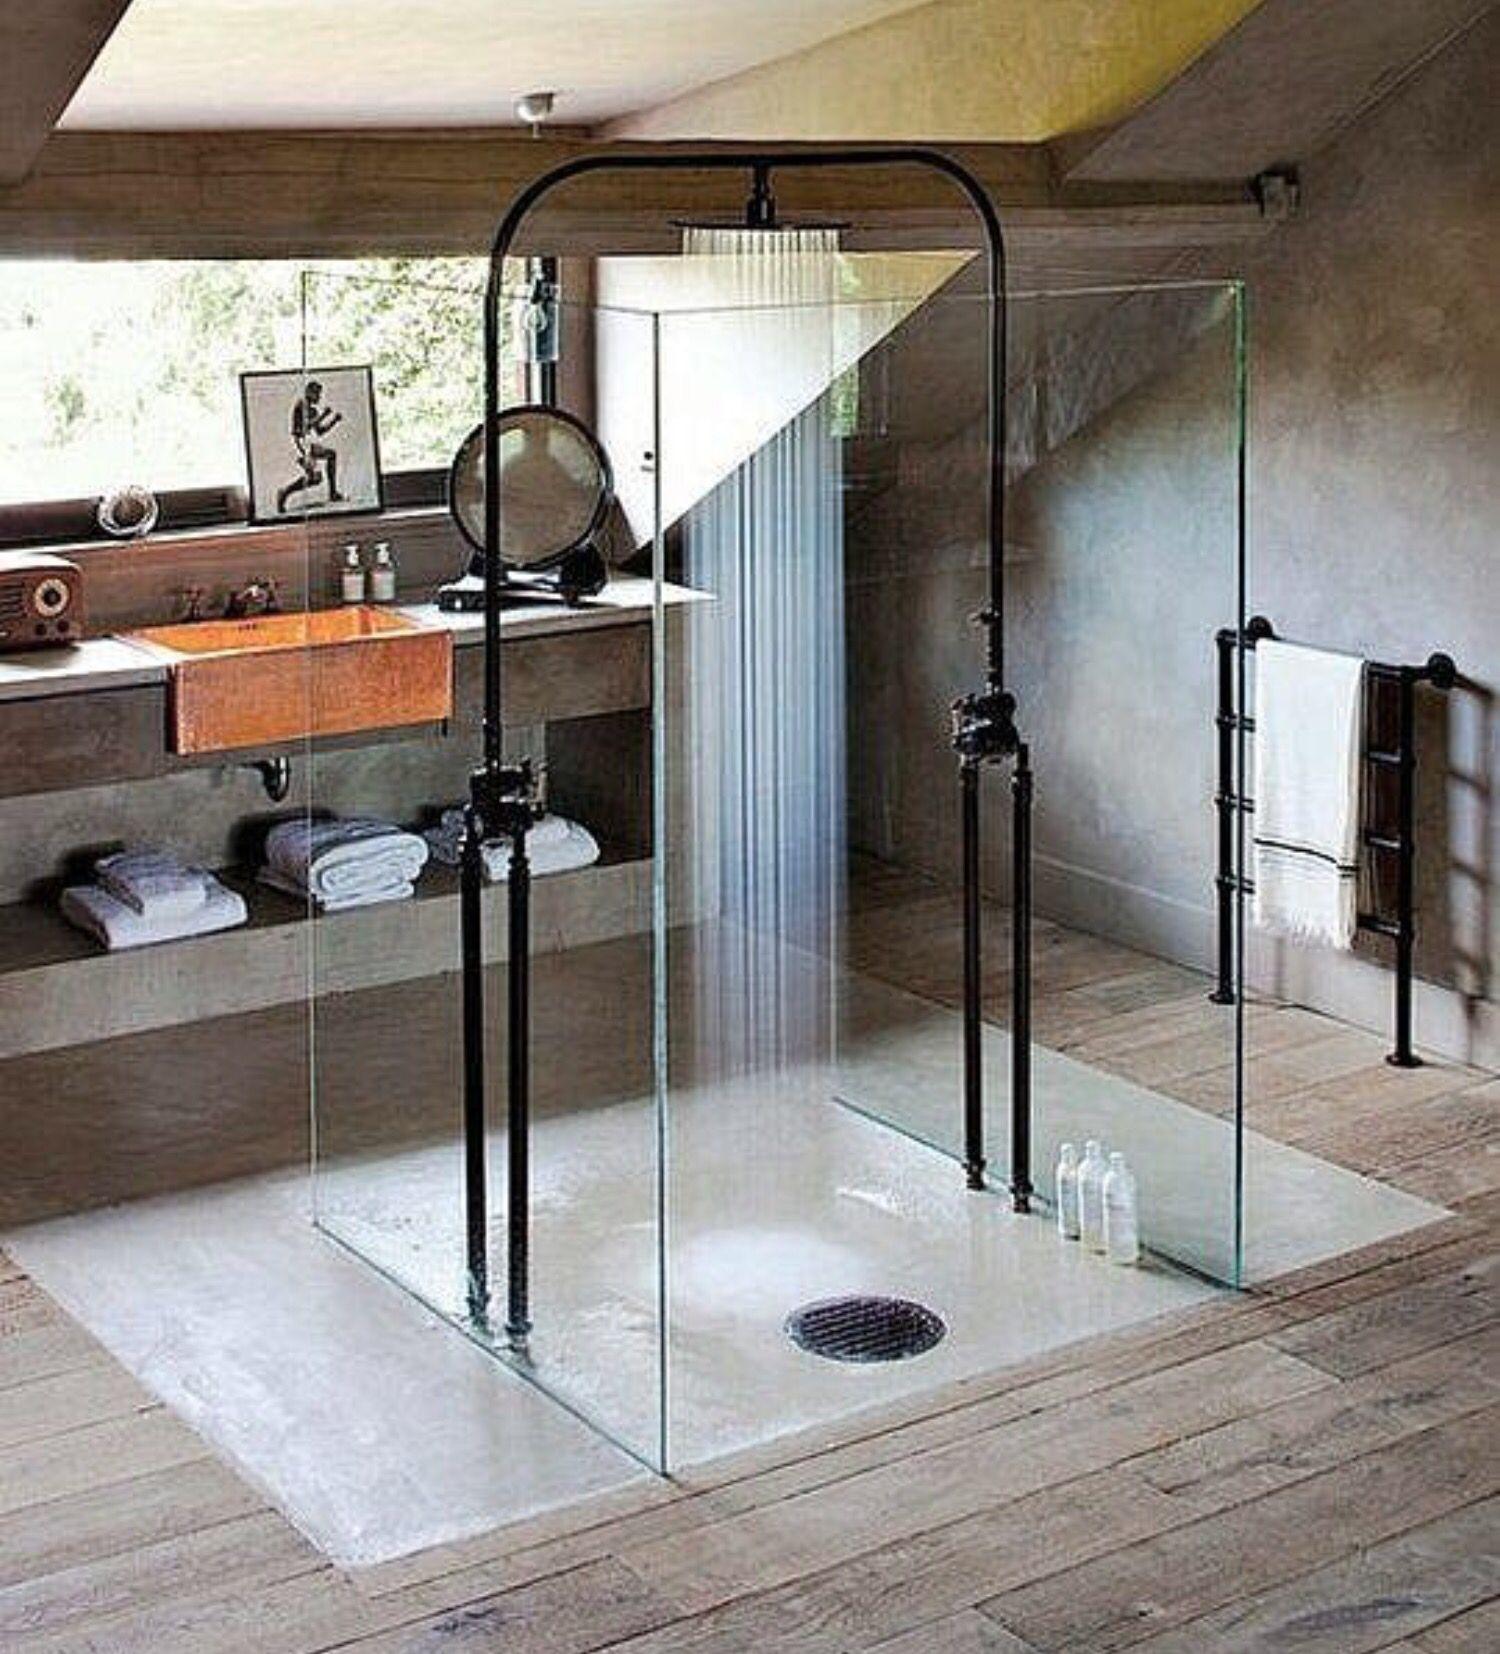 Cuarto de baño | Diseño de baños, Decoracion baños ...